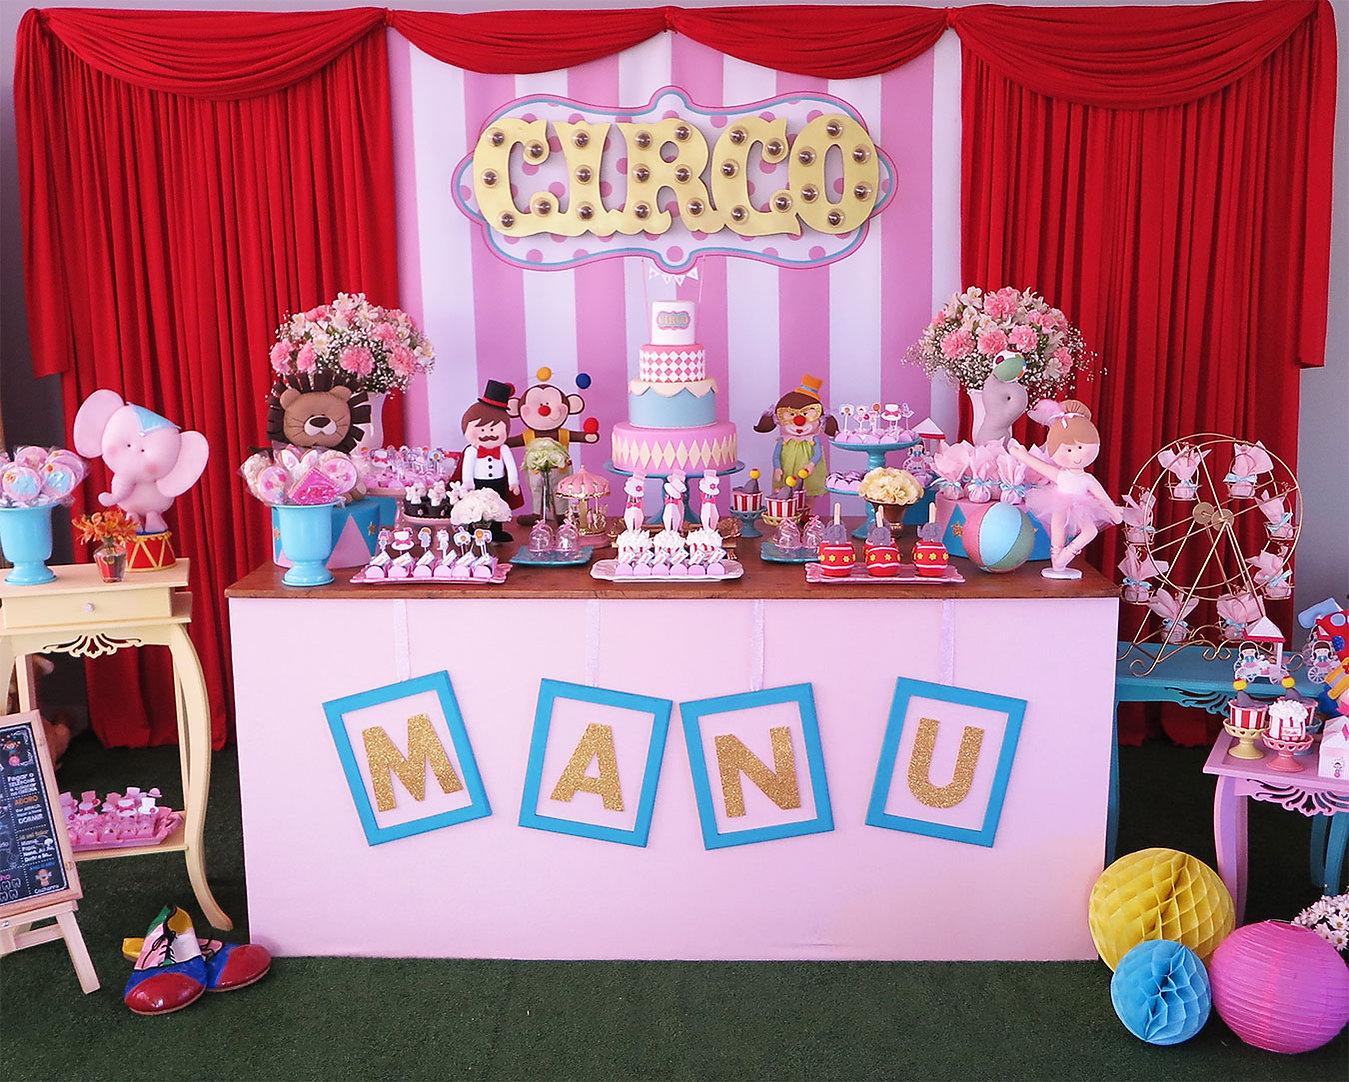 decoração_festa_circo_rosa_(5).JPG